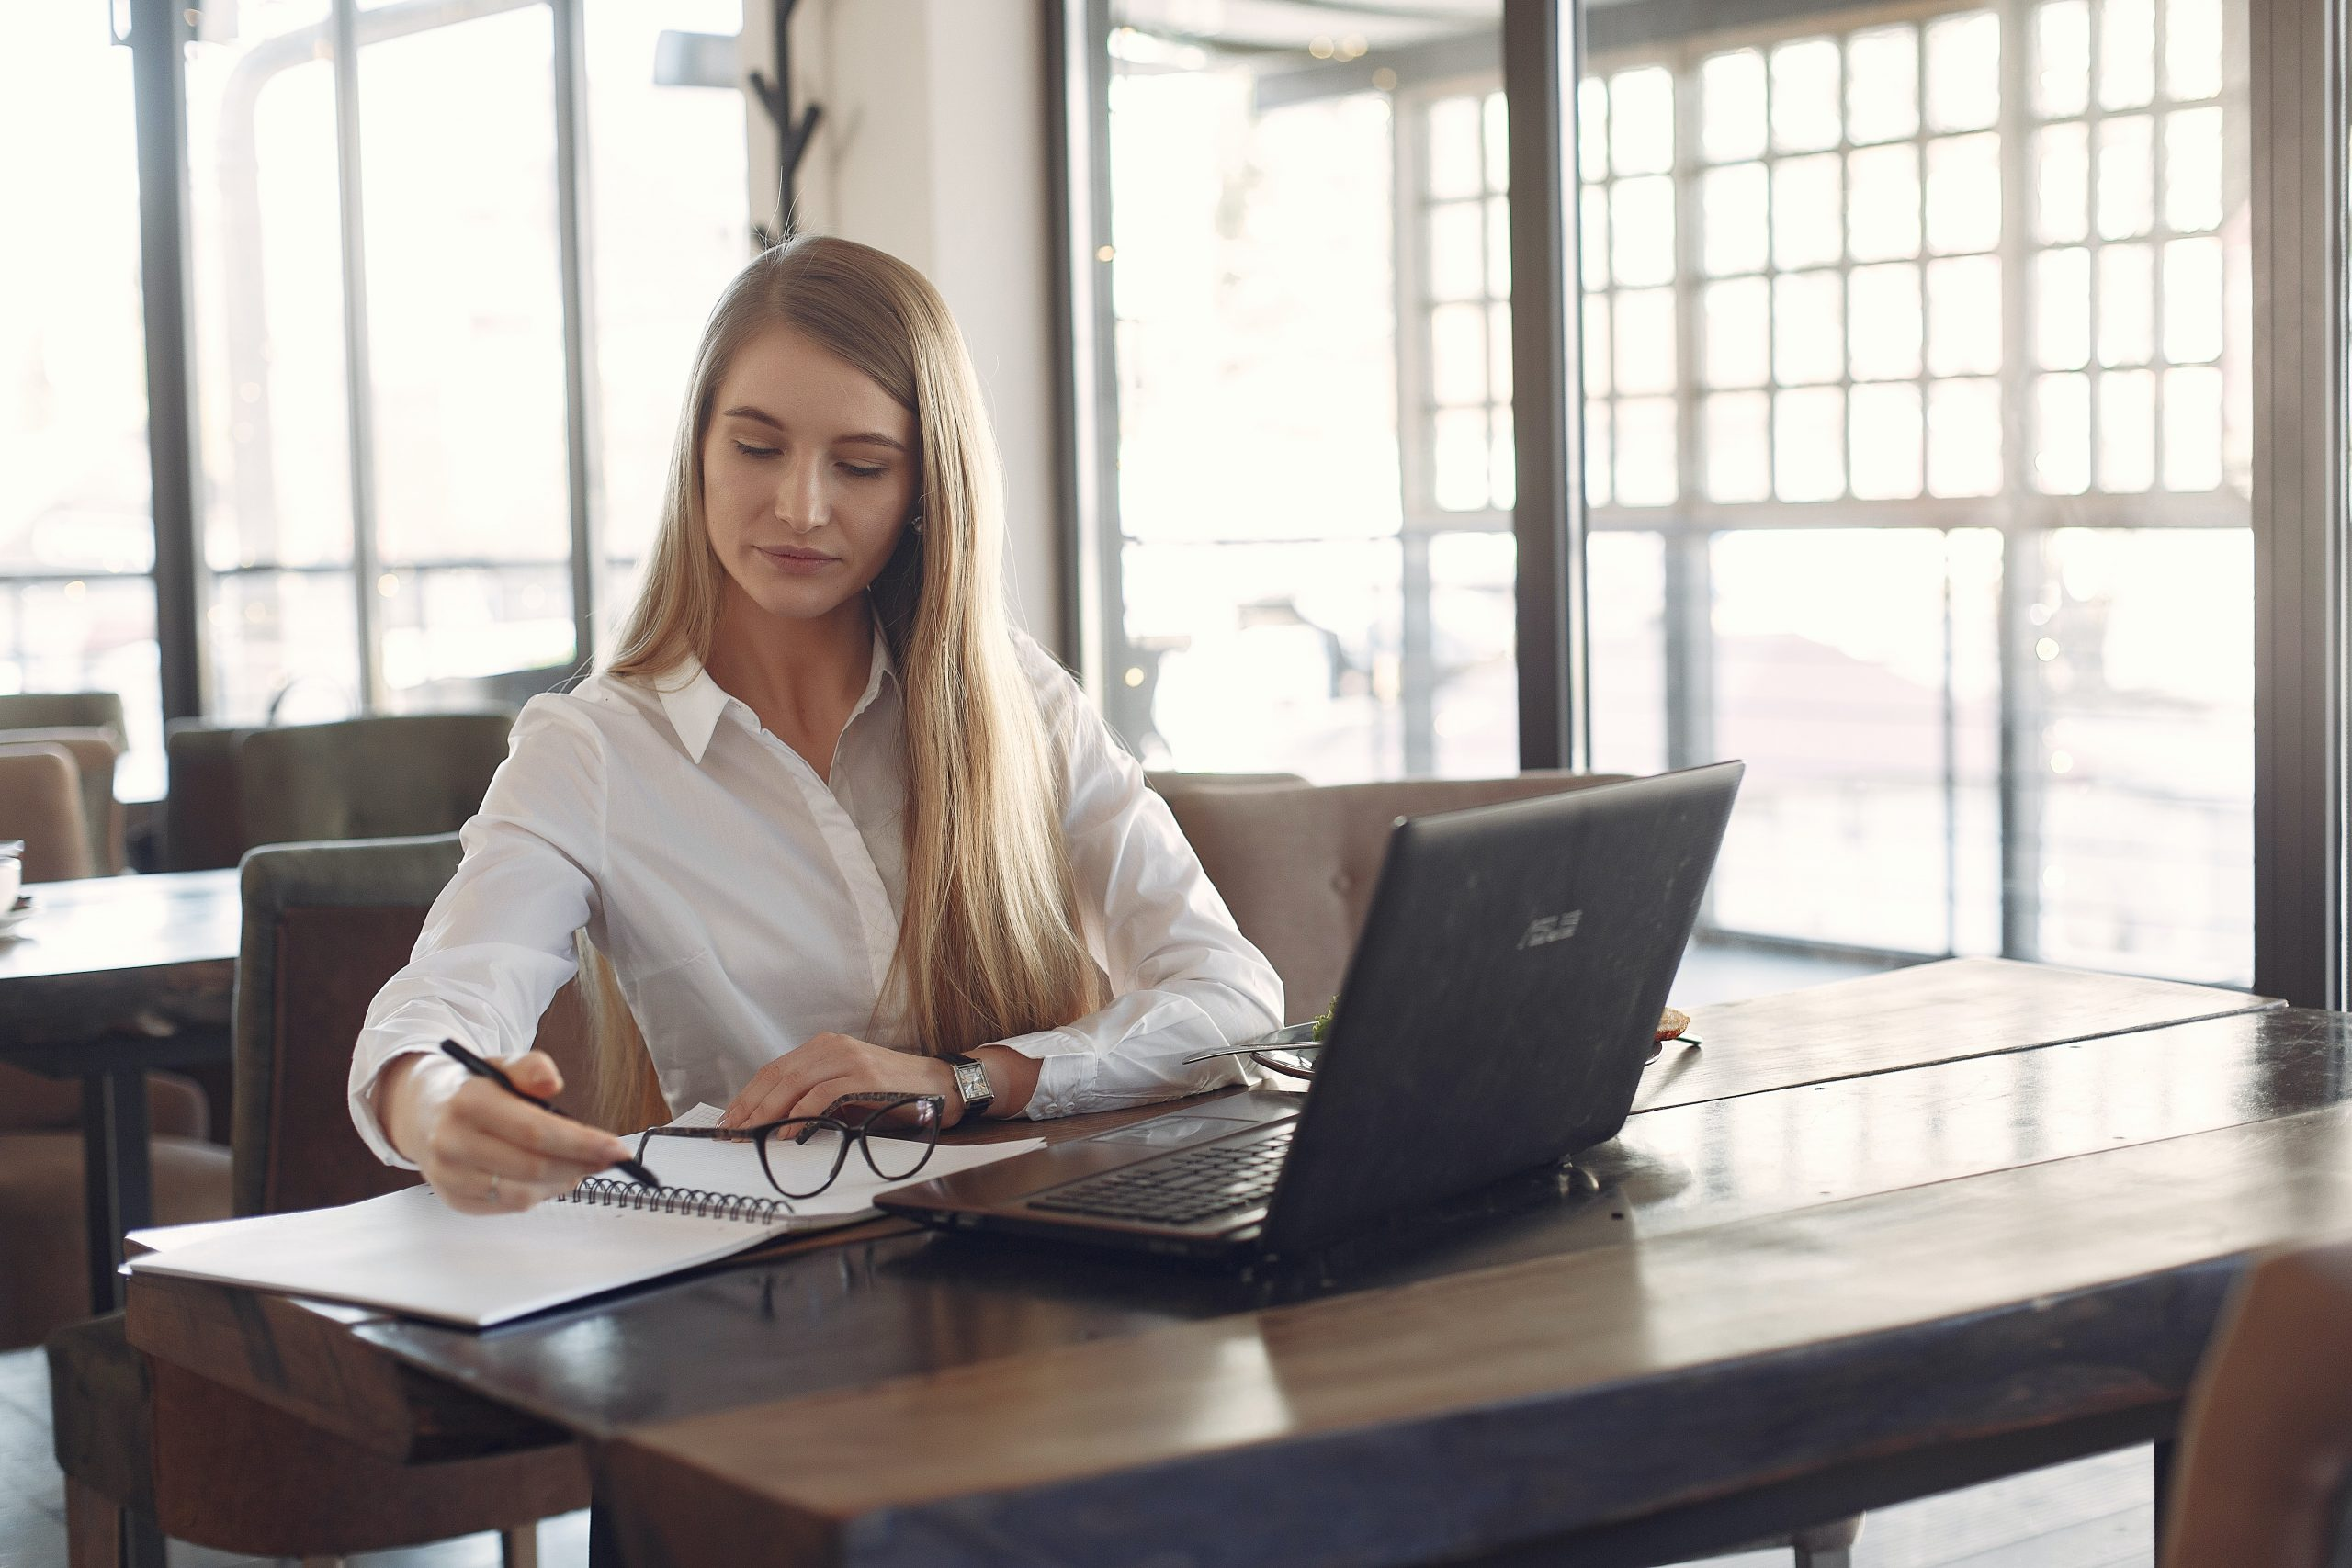 Imagem de uma mulher utilizando um computador.